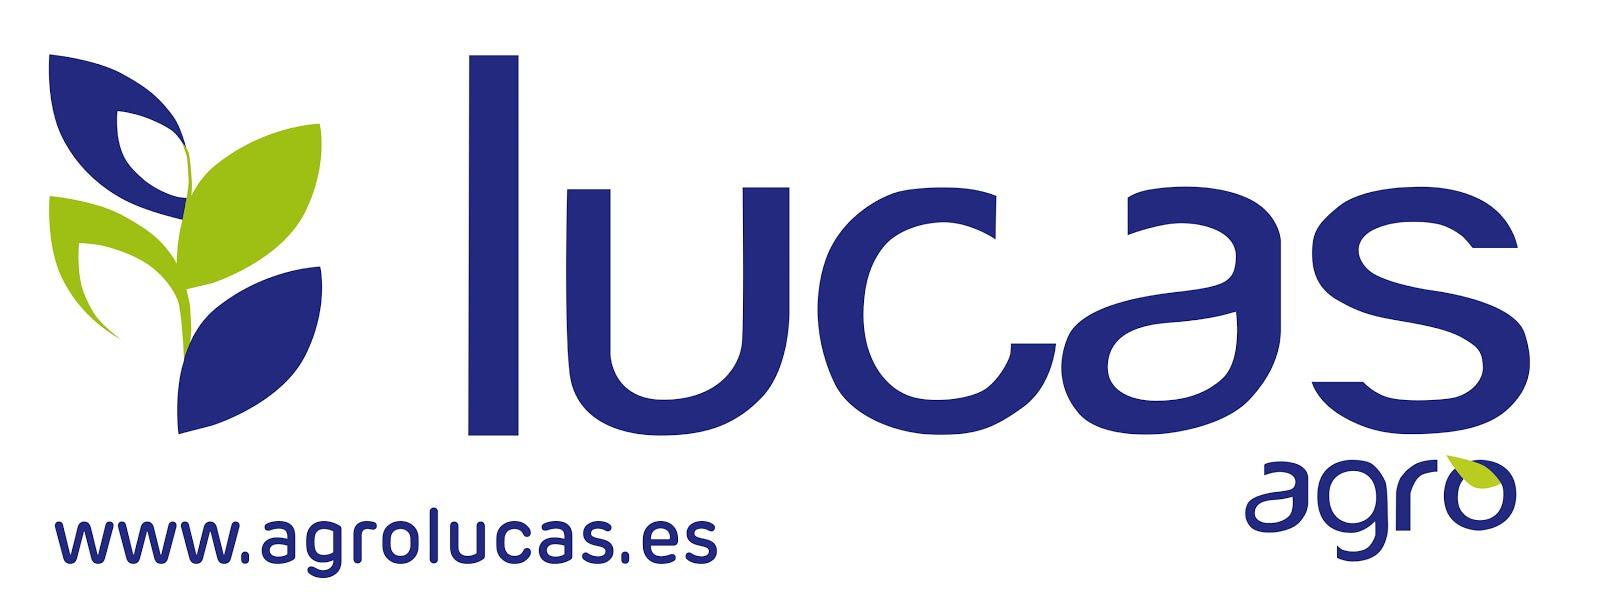 Agroquímicos Lucas